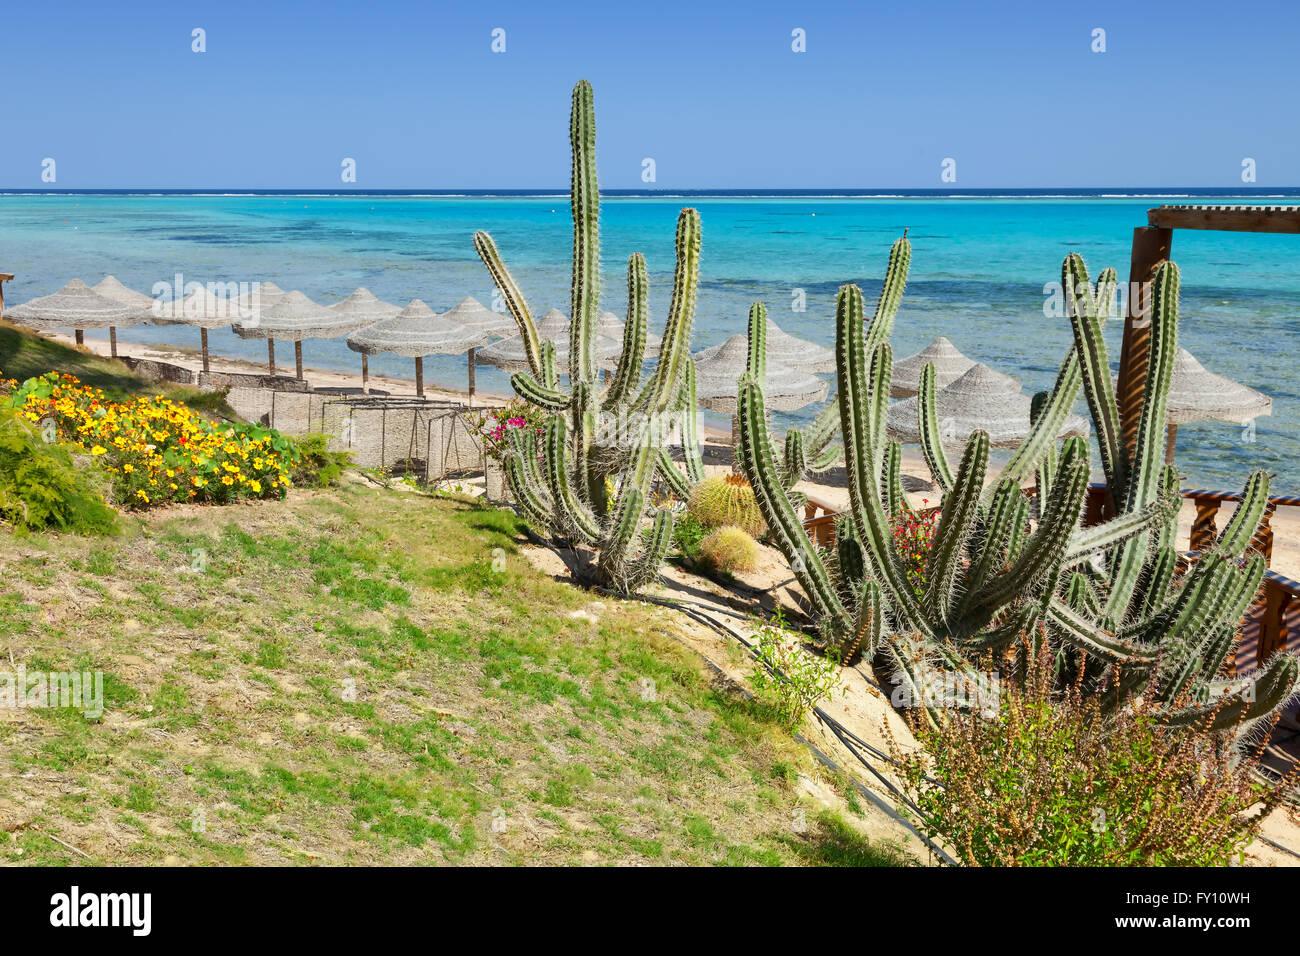 La spiaggia e il mare di Marsa Alam, Mar Rosso, Egitto Immagini Stock